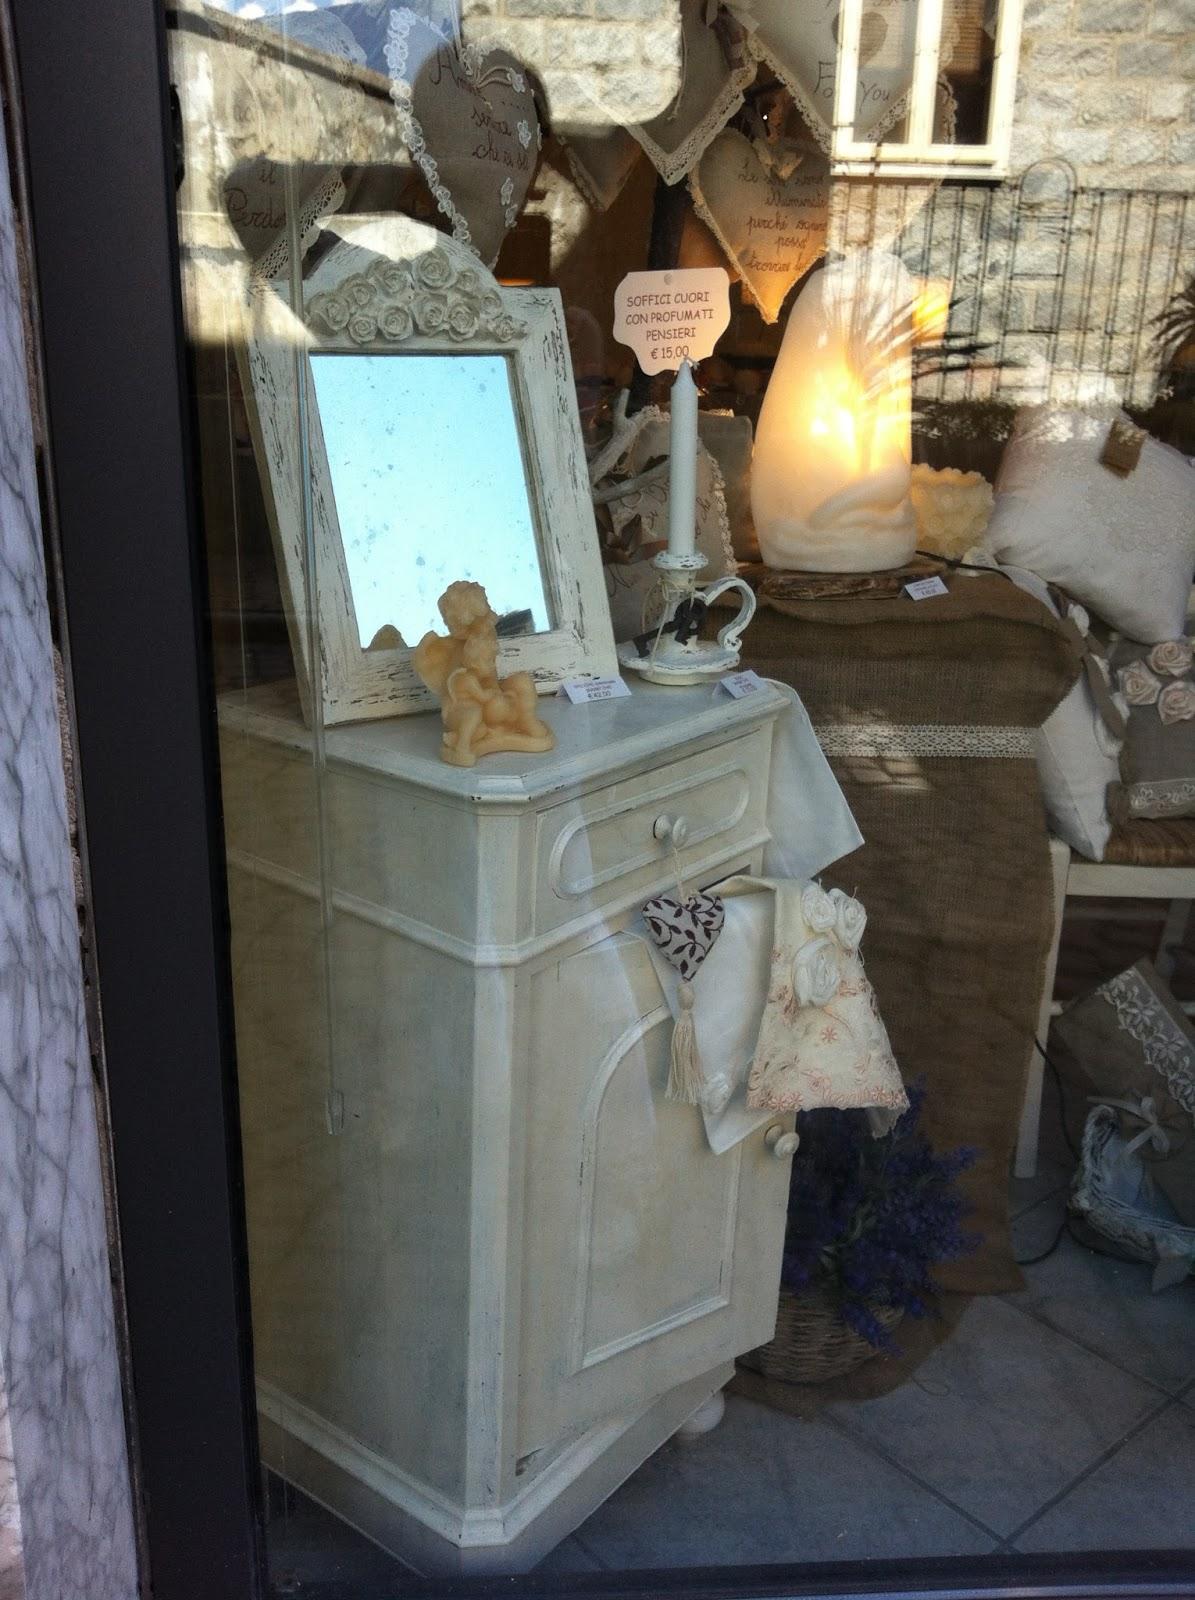 Kreare chic mostra mercato bienno 2013 - Specchio antichizzato ...